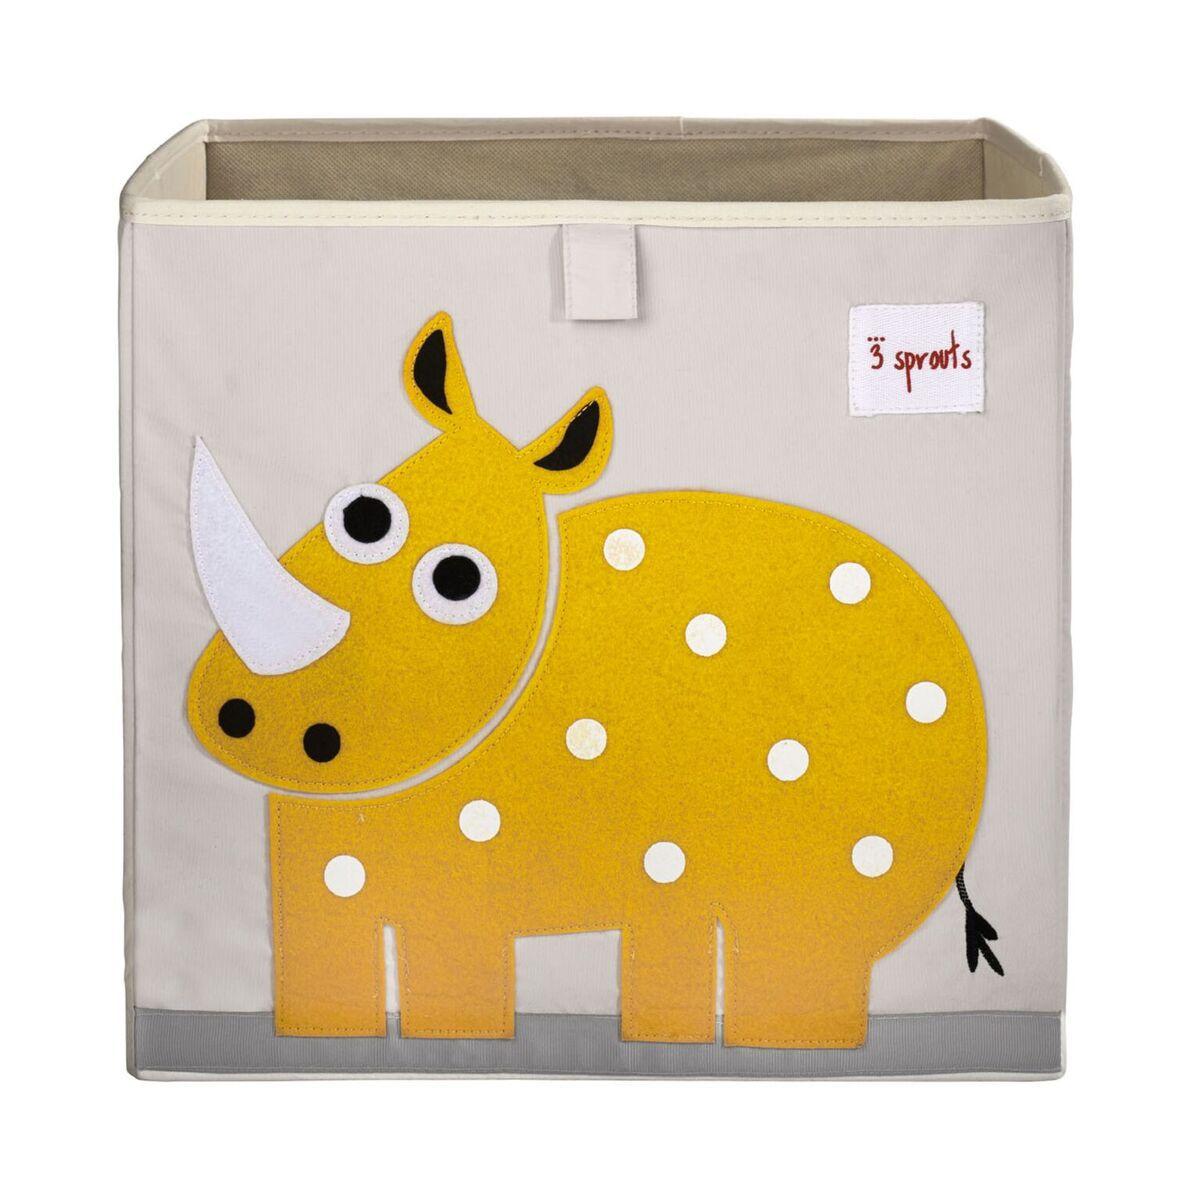 Caixa Organizadora 3 Sprouts Quadrada - Rhino